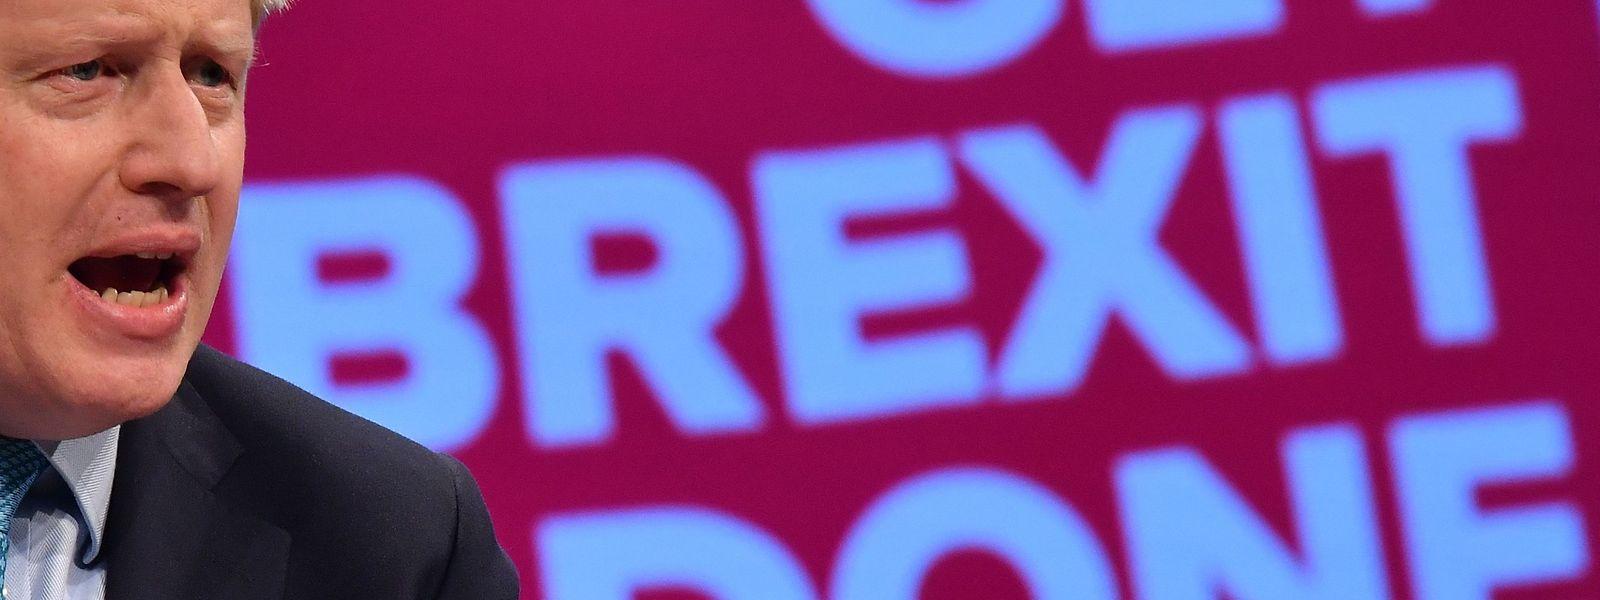 Der britische Premier Boris Johnson hat seinen Wählern ein goldenes Zeitalter versprochen.